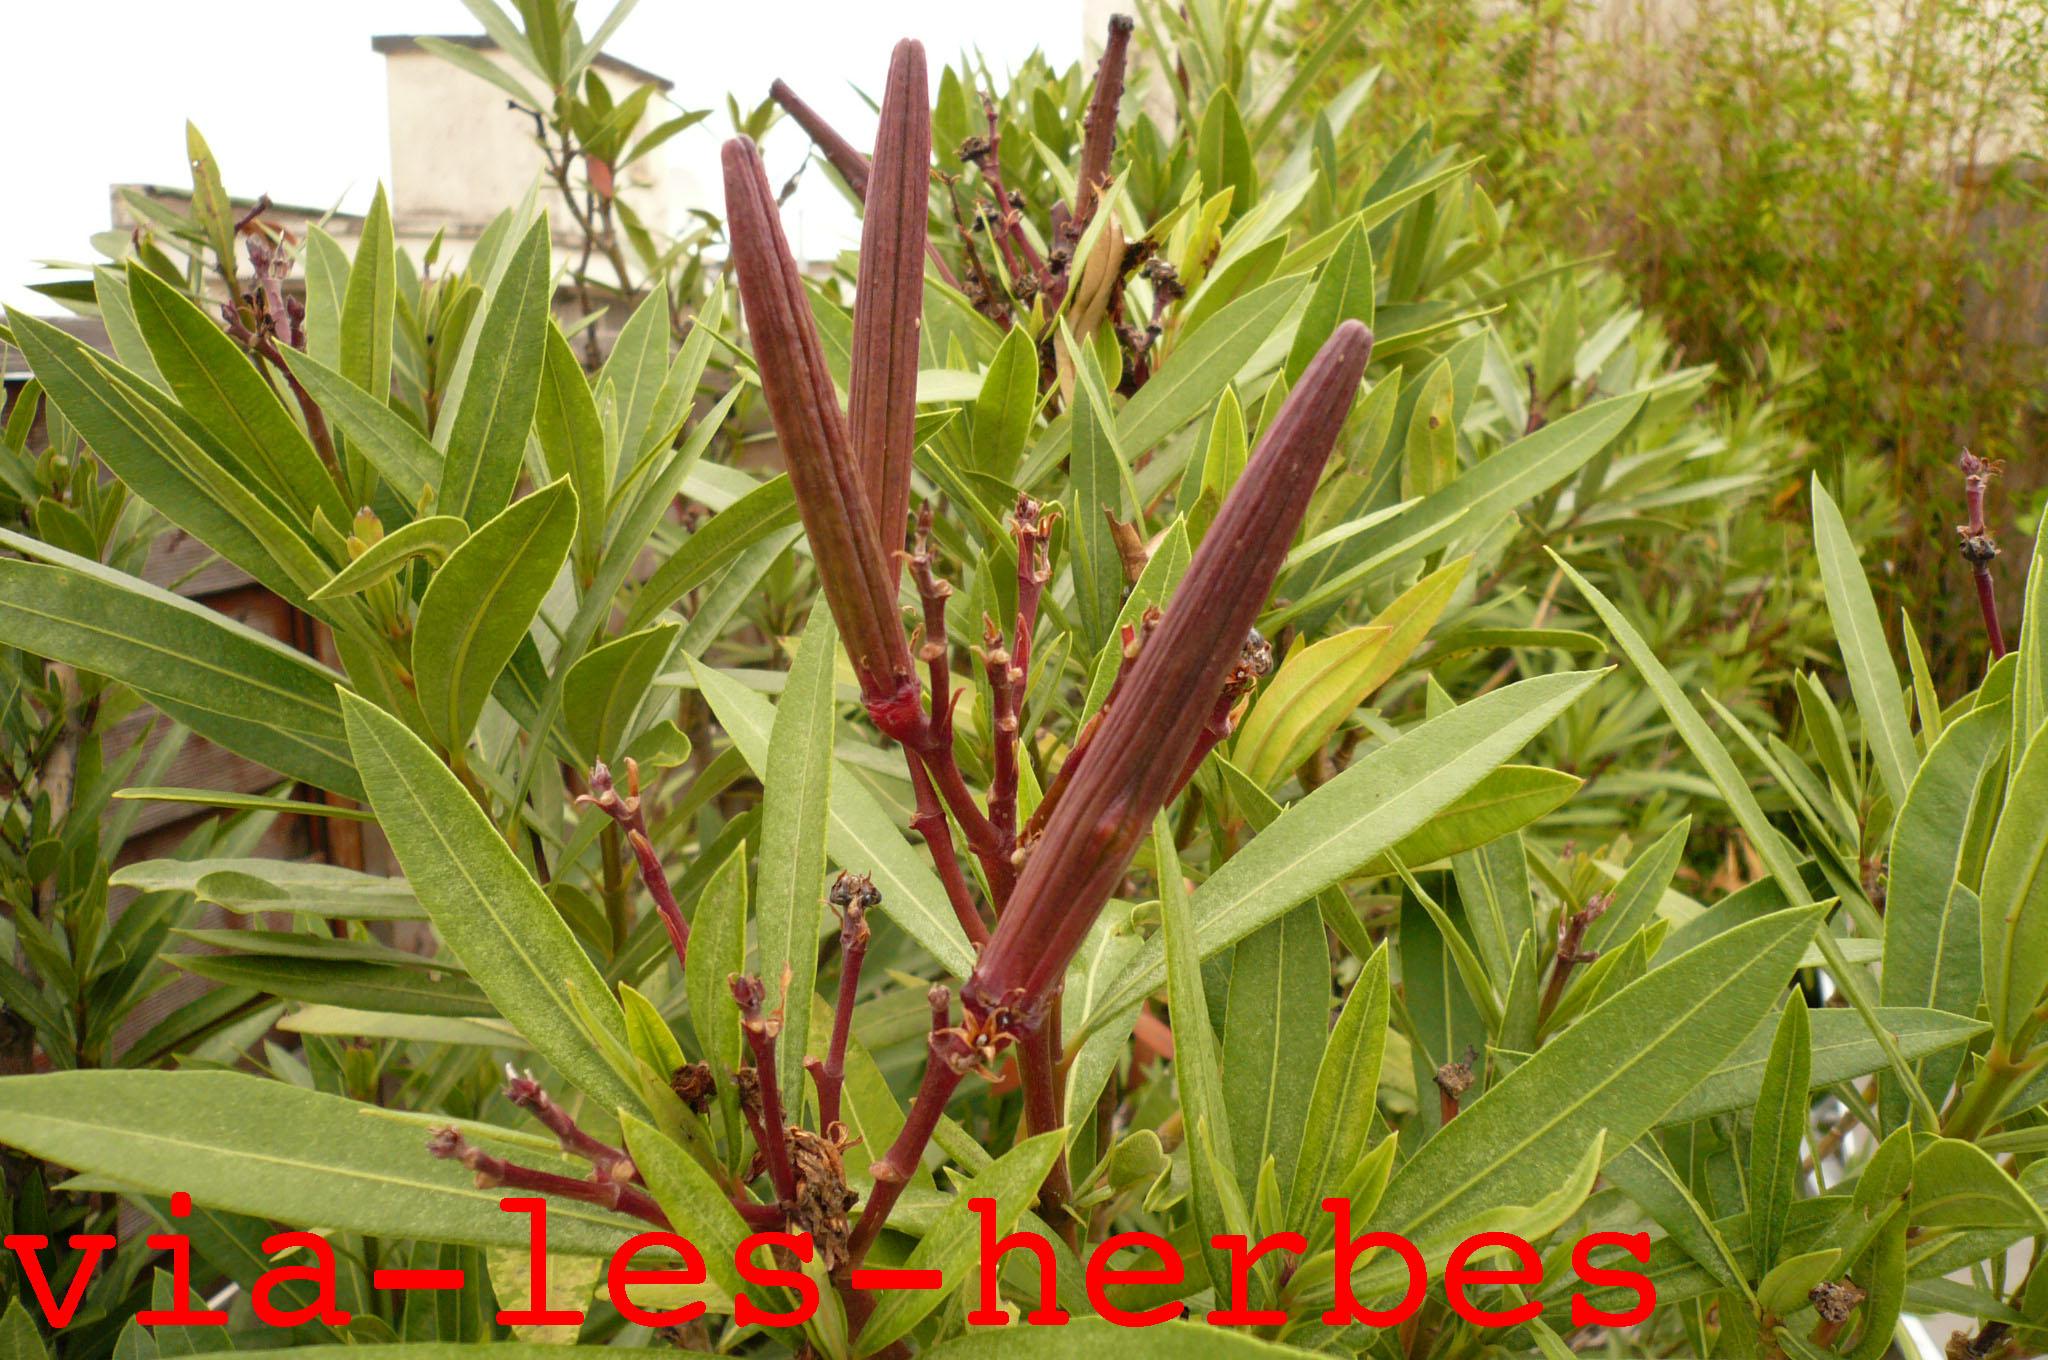 Le laurier rose plante tr s toxique via les herbes - Maladie laurier rose feuilles seches ...